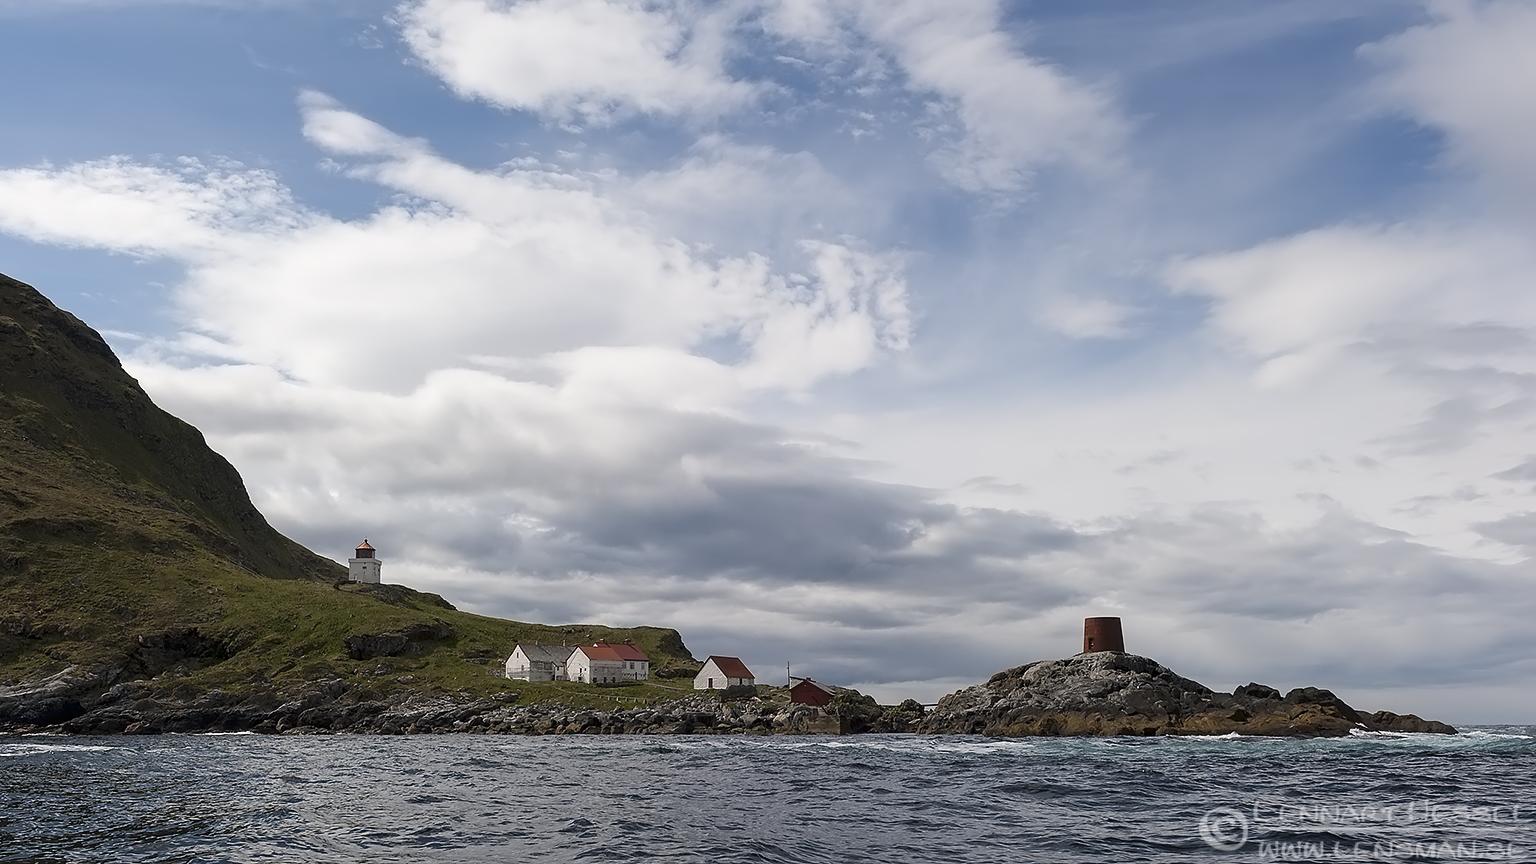 Runde lighthouse Runde